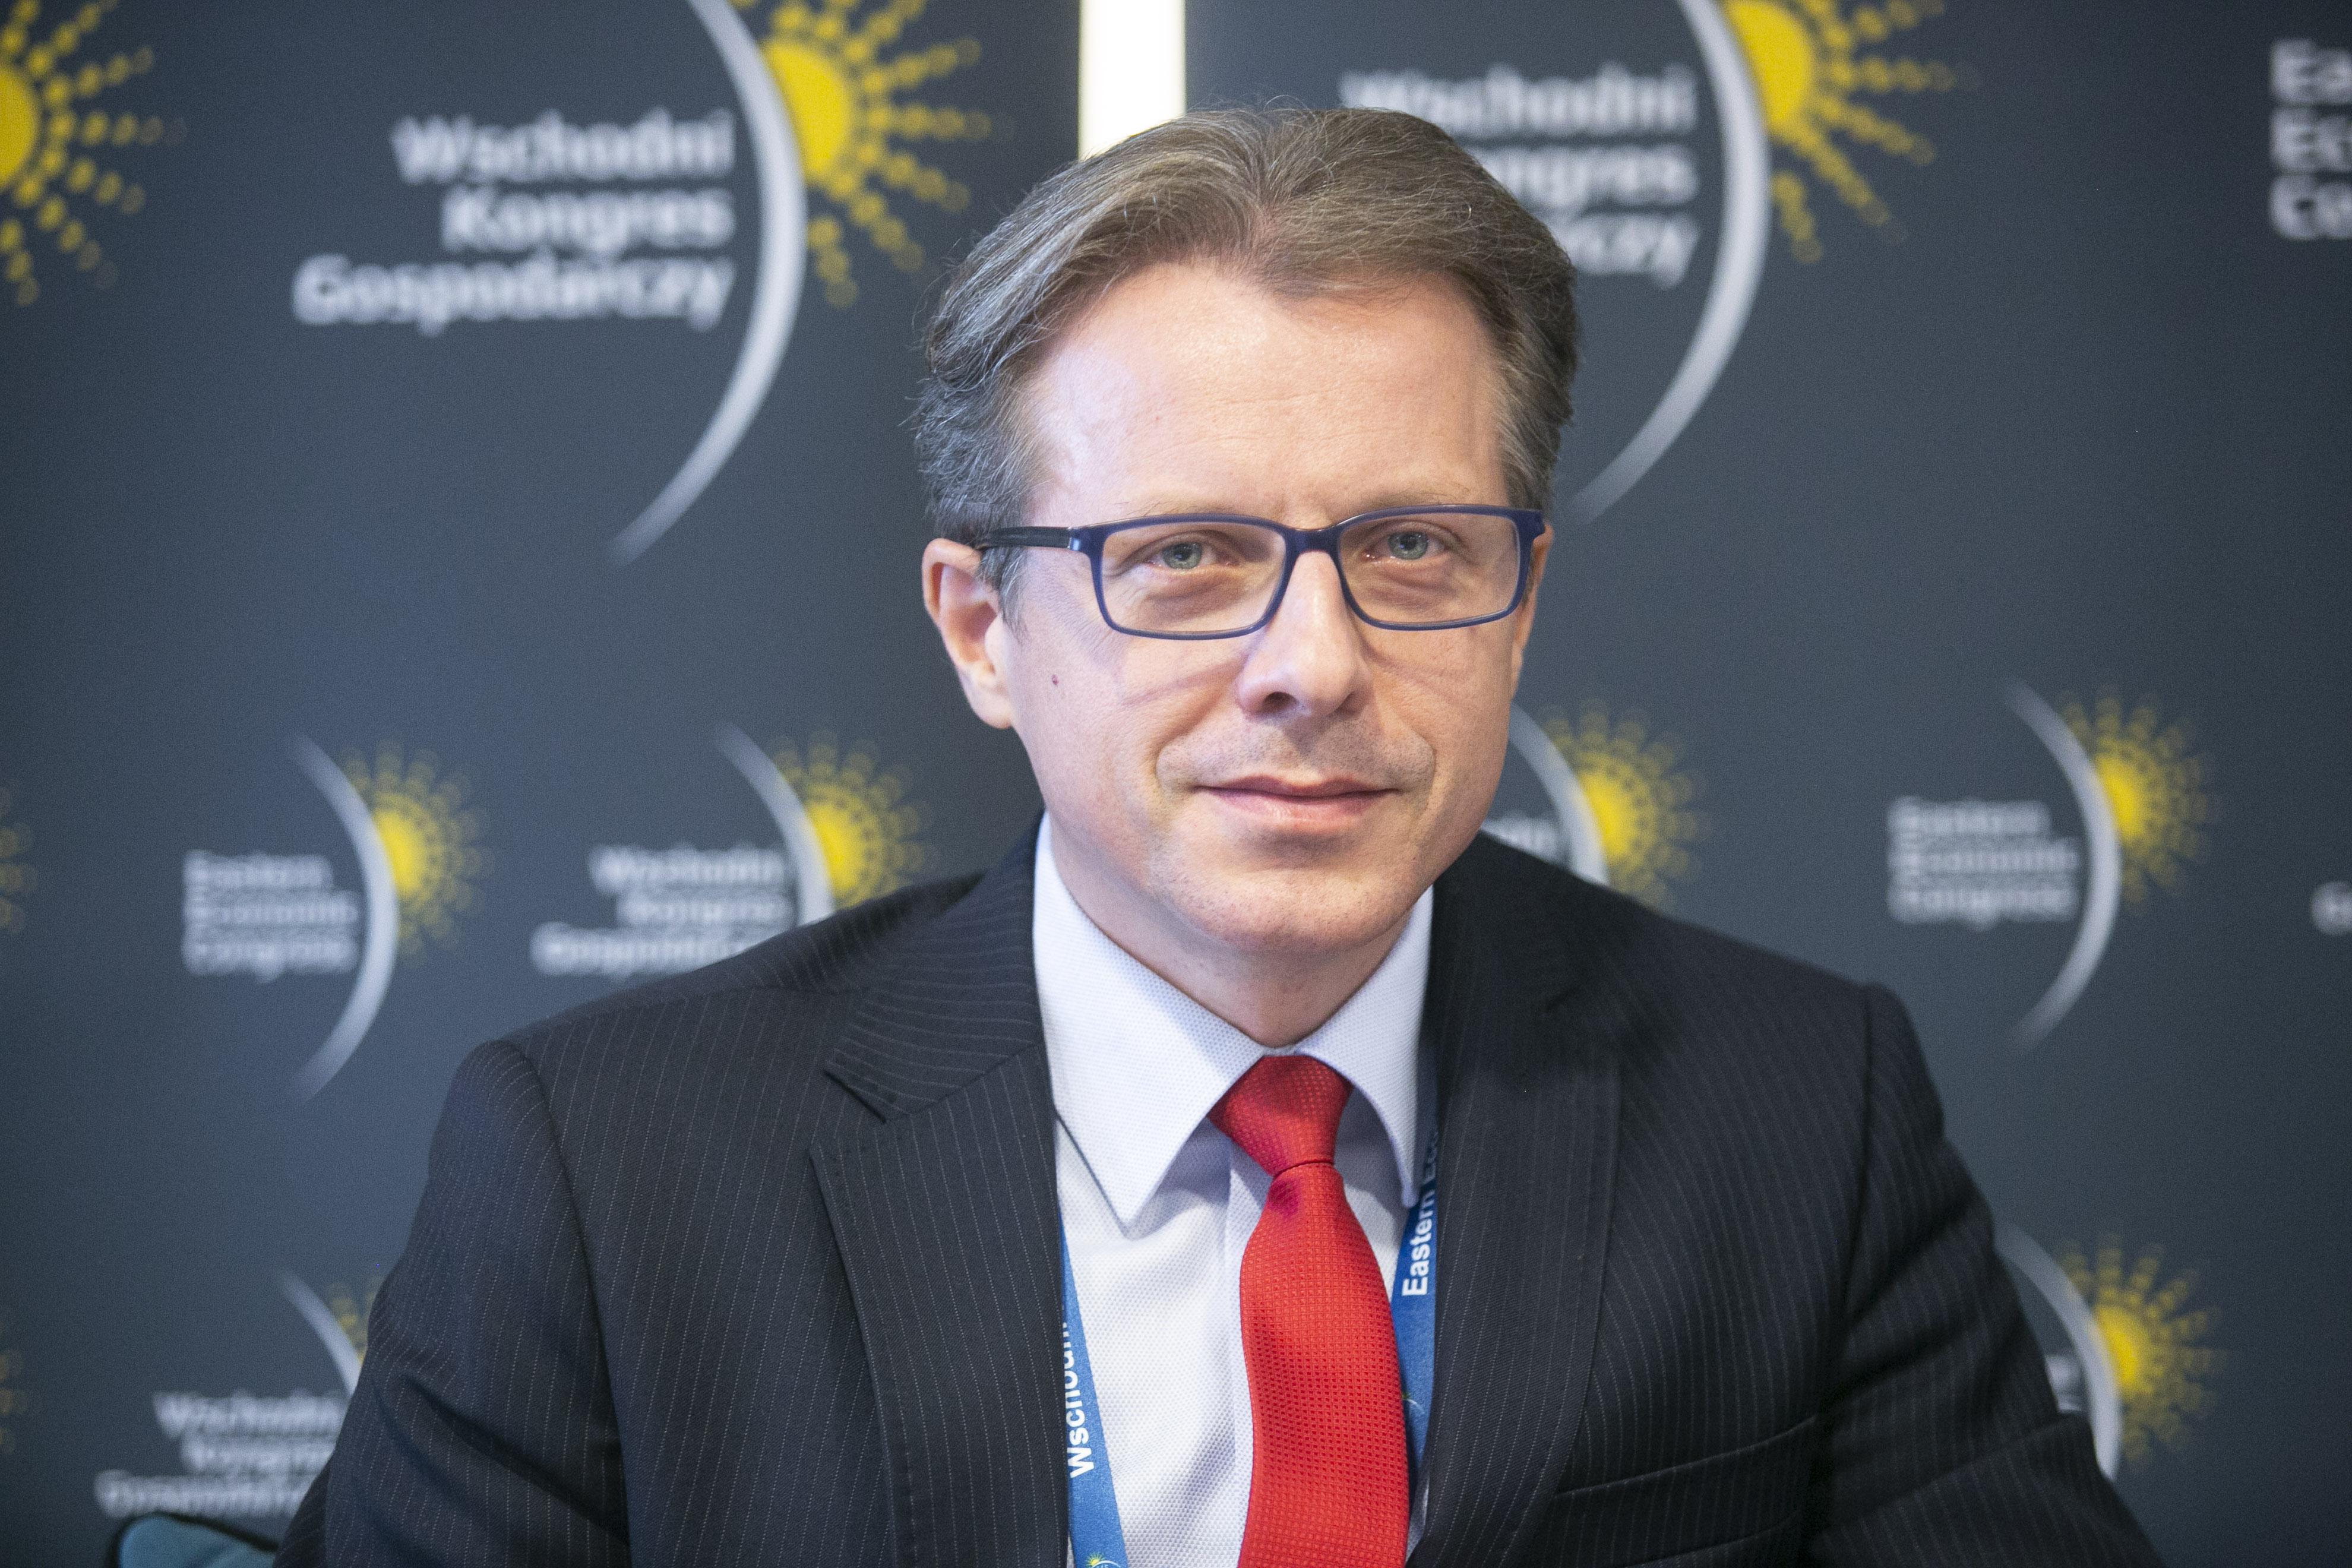 Dionizy Smoleń, dyrektor w PwC: Samorządy nadal potrzebują wsparcia w zakresie rozwoju infrastruktury (fot. PTWP, Paweł Pawłowski)